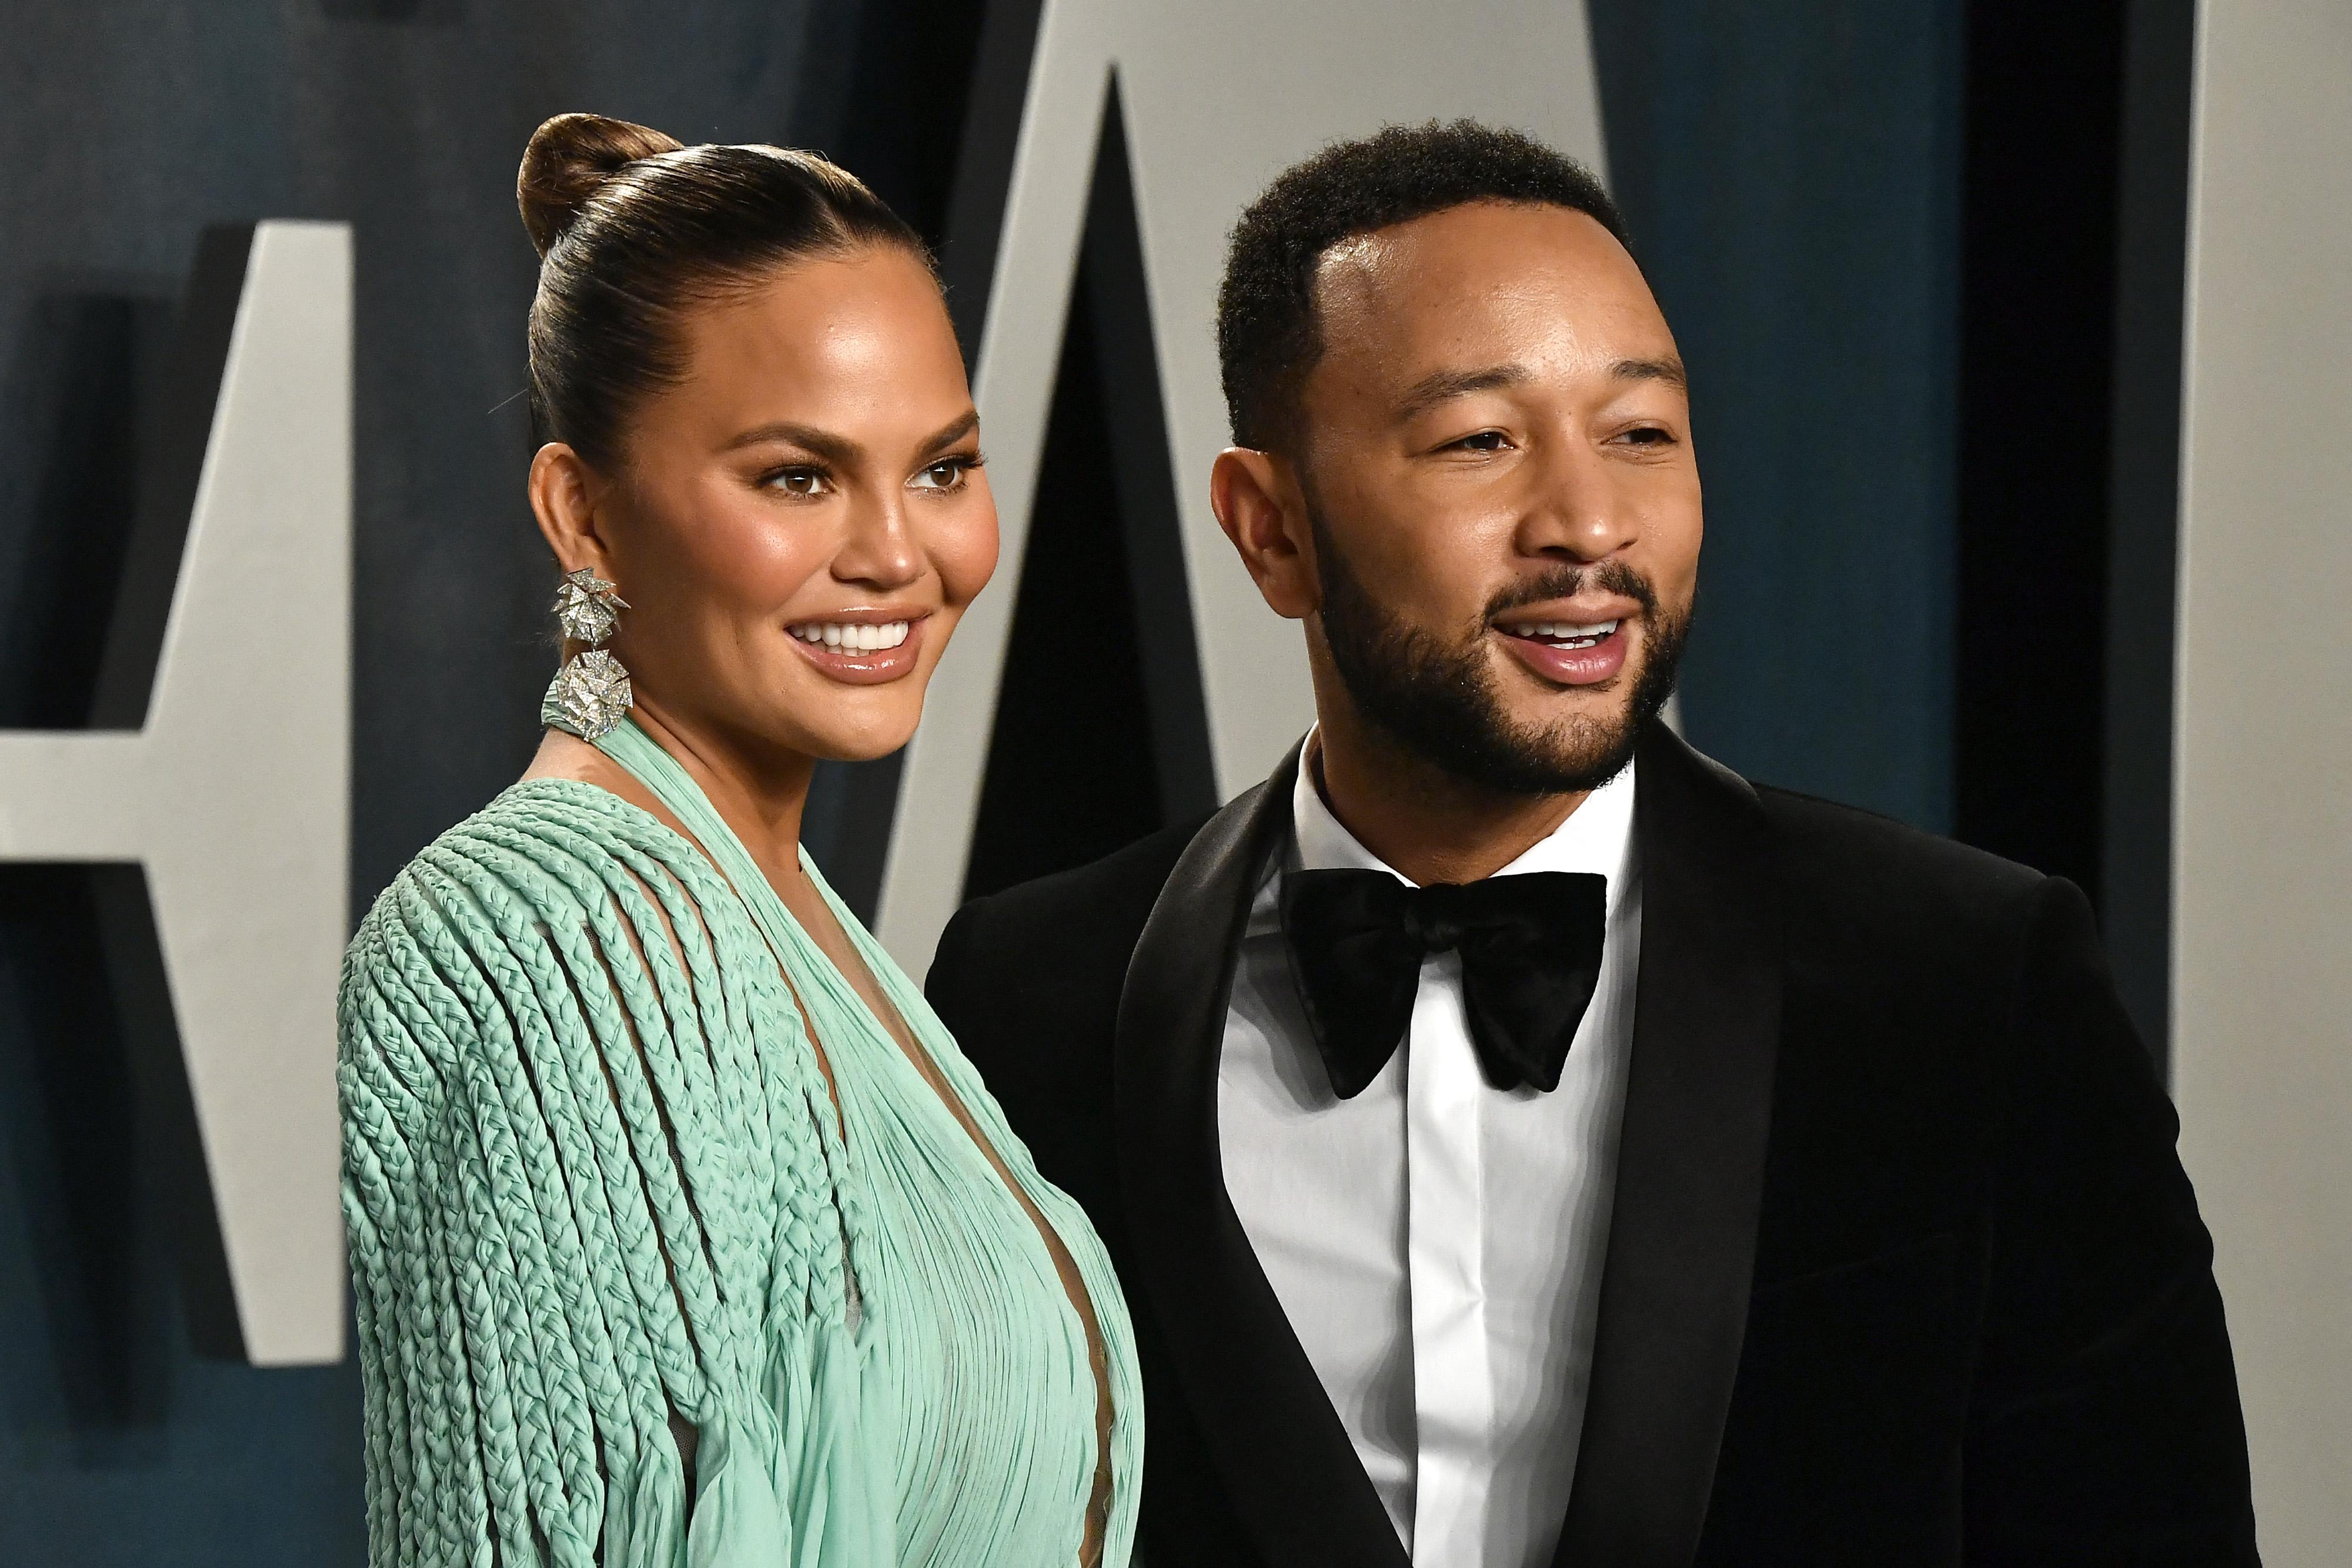 John Legend tagadja, hogy Chrissy Teigen online zaklatta volna Michael Costello divattervezőt